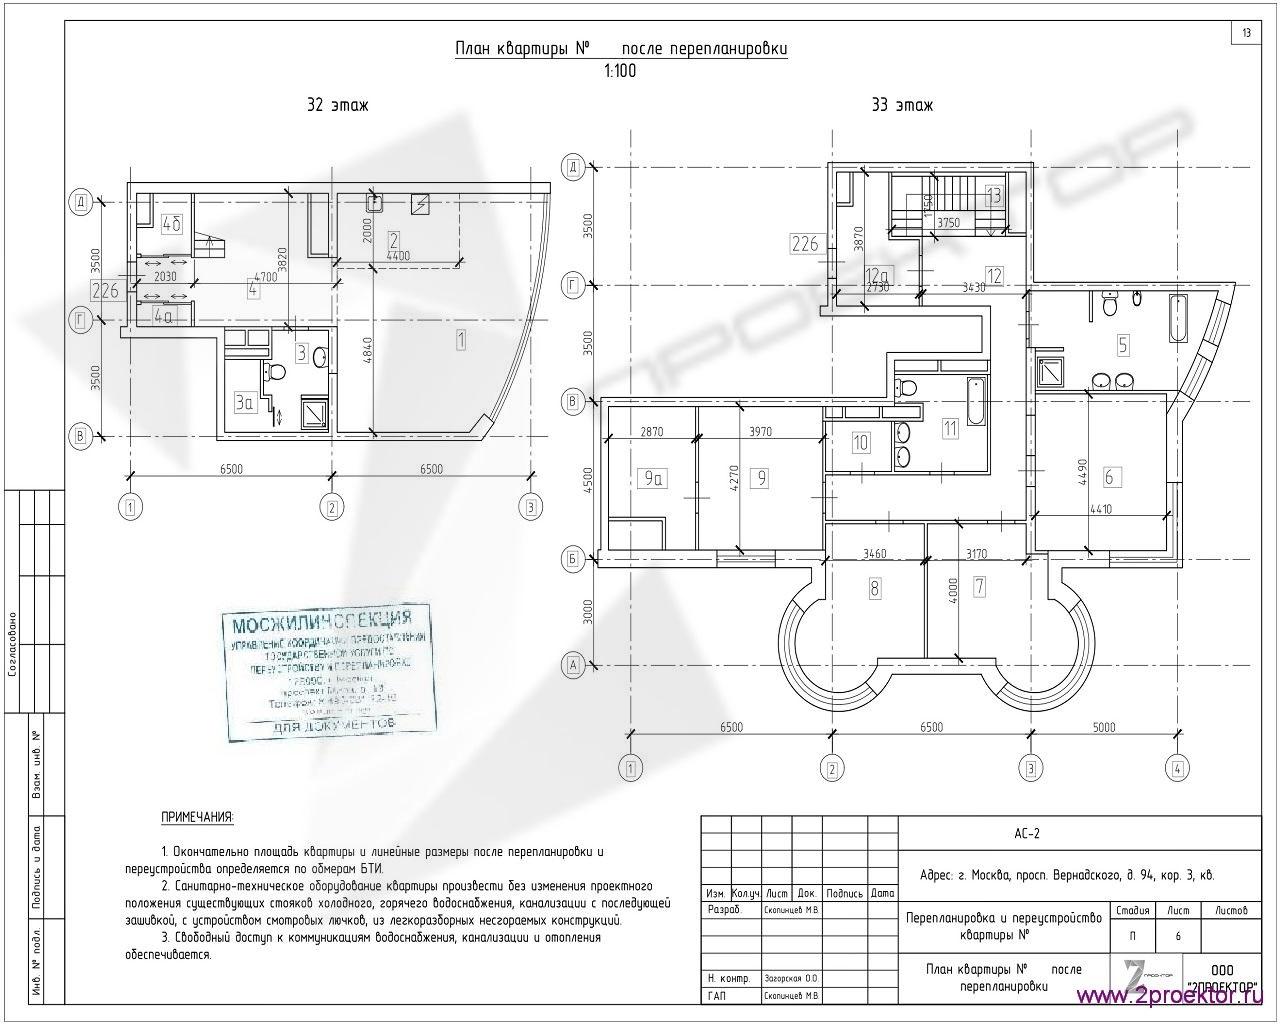 Вариант планировки квартиры в Жилом комплексе Миракс парк, разработанный специалистами ООО «2Проектор» и согласованный Мосжилинспекцией.